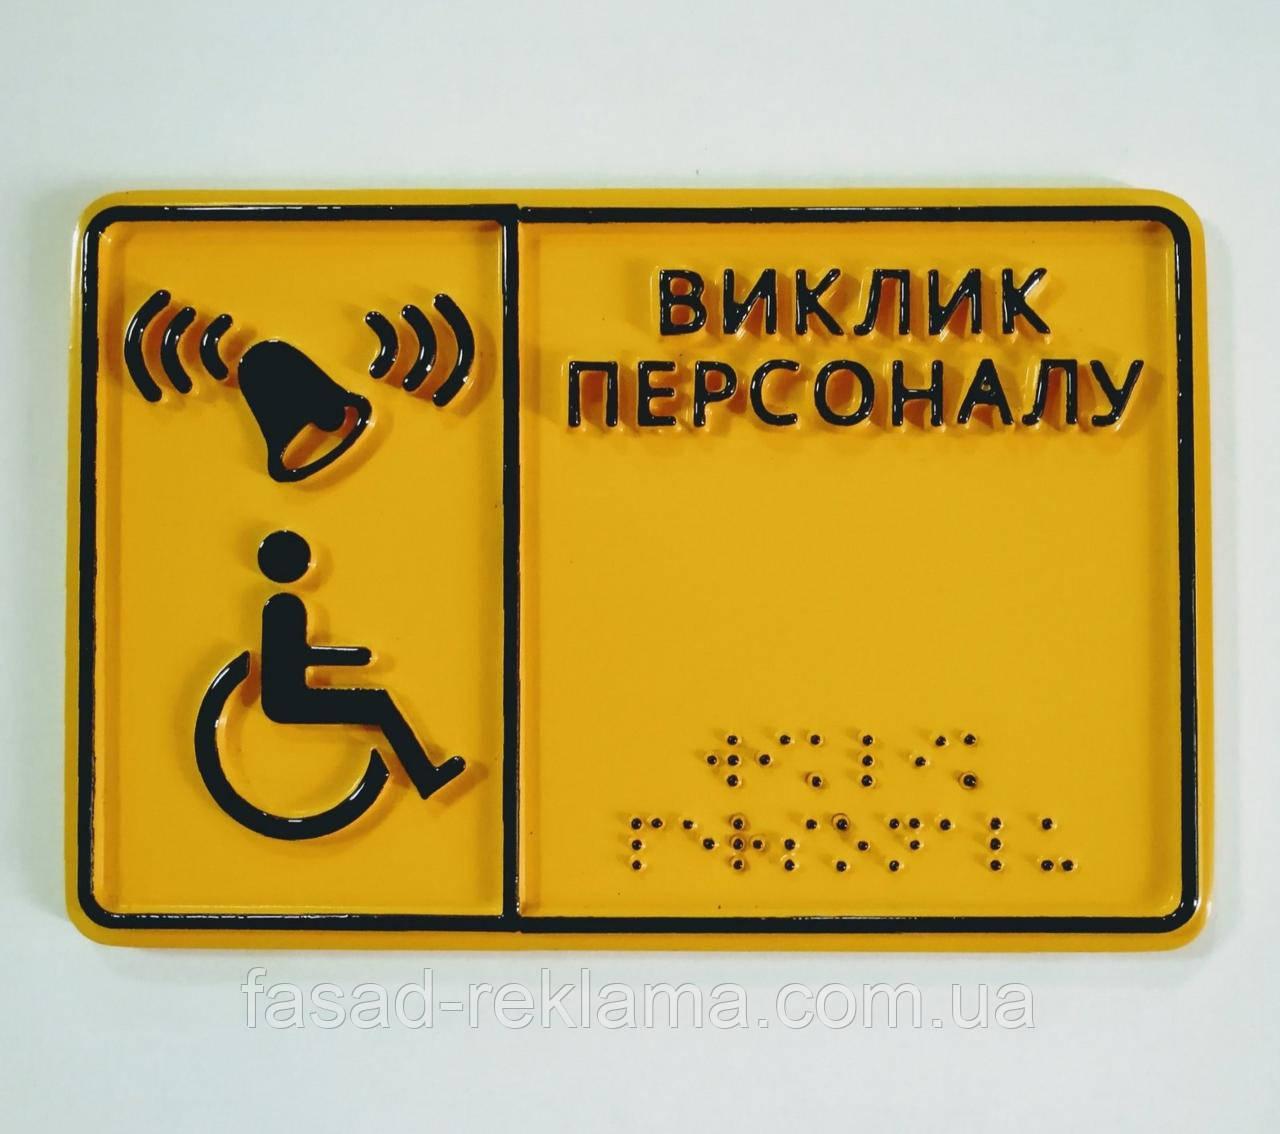 Таблички для слепых вызов персонала